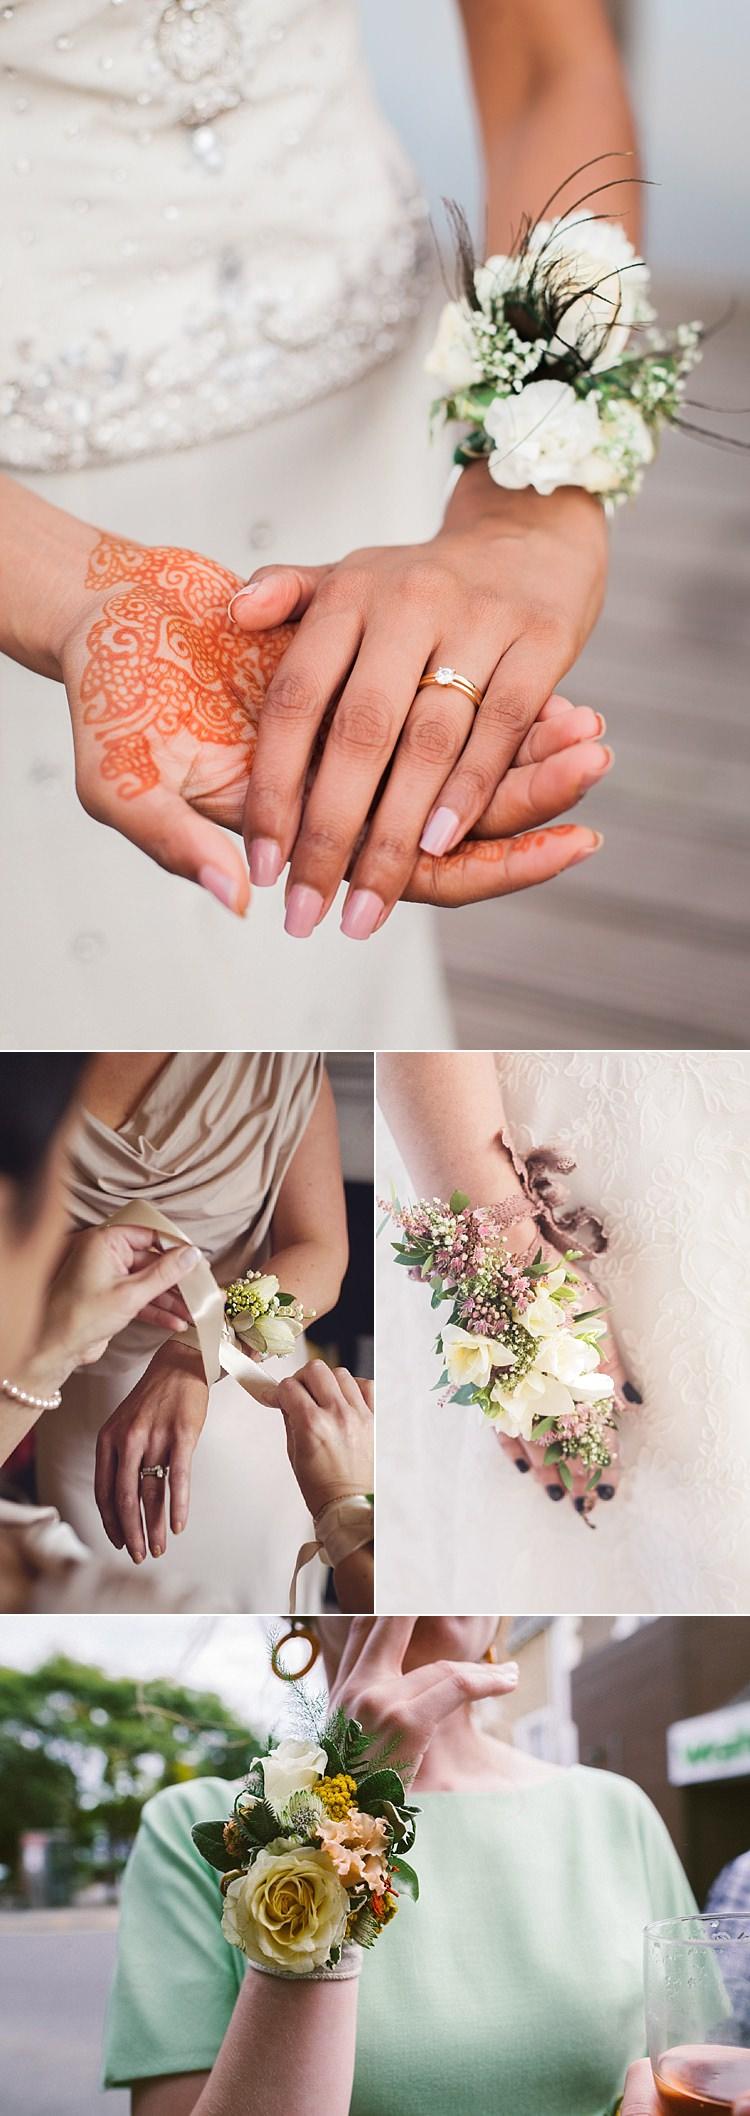 Alternative Wedding Flower Ideas Wrist Corsage